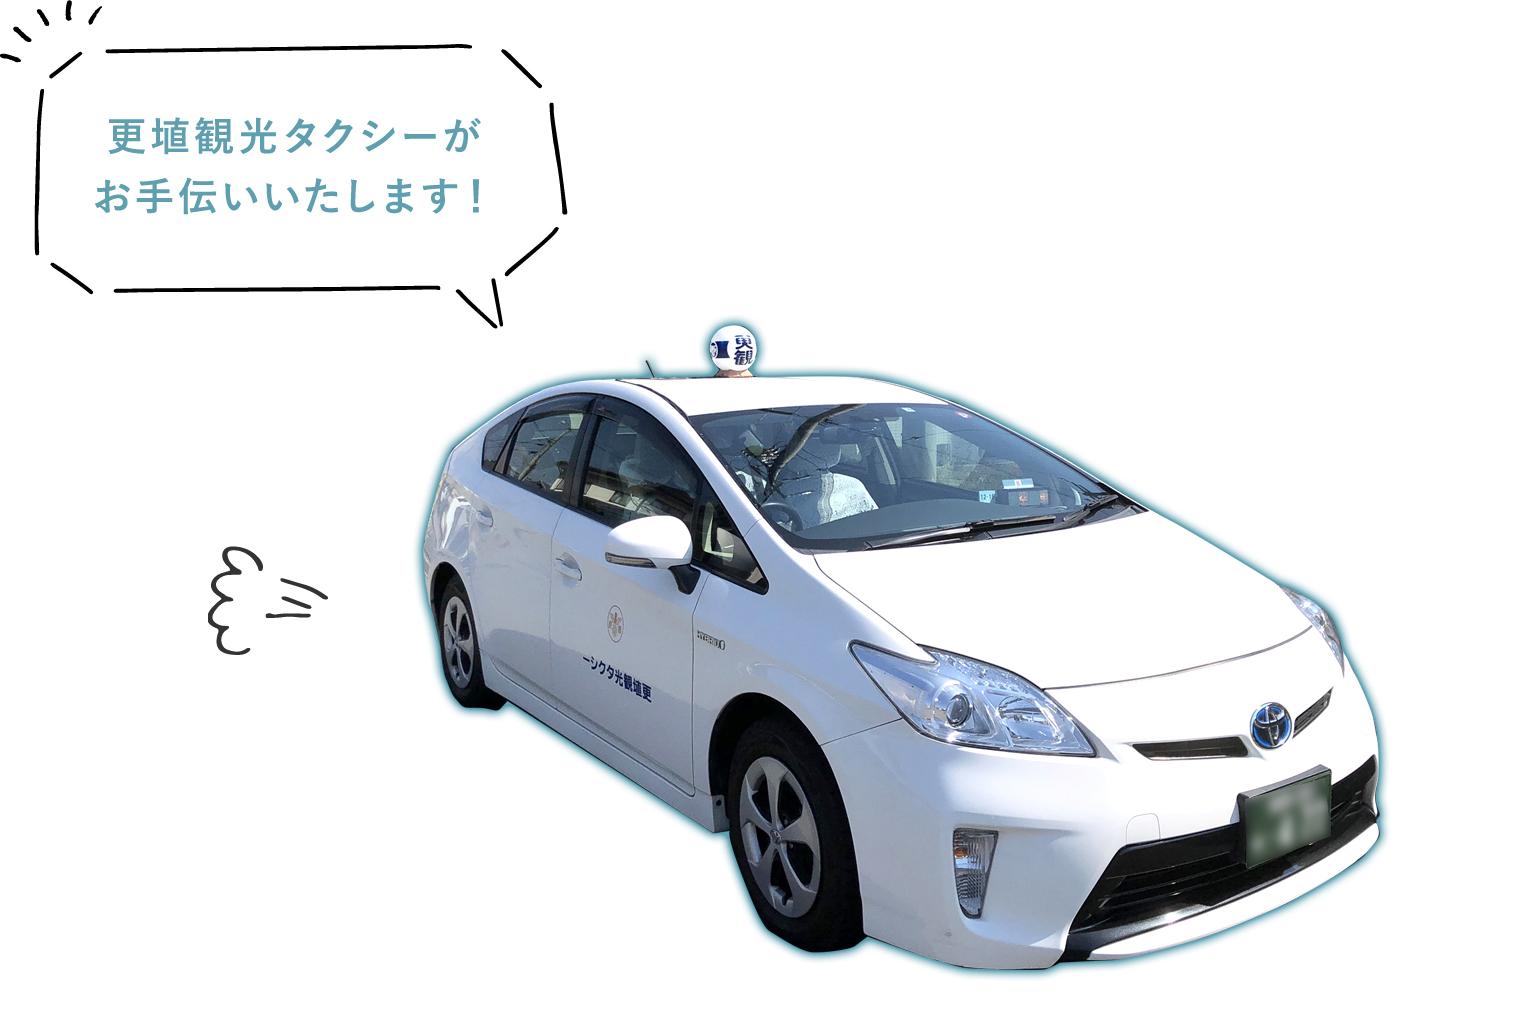 更埴観光タクシーがお手伝いいたします!